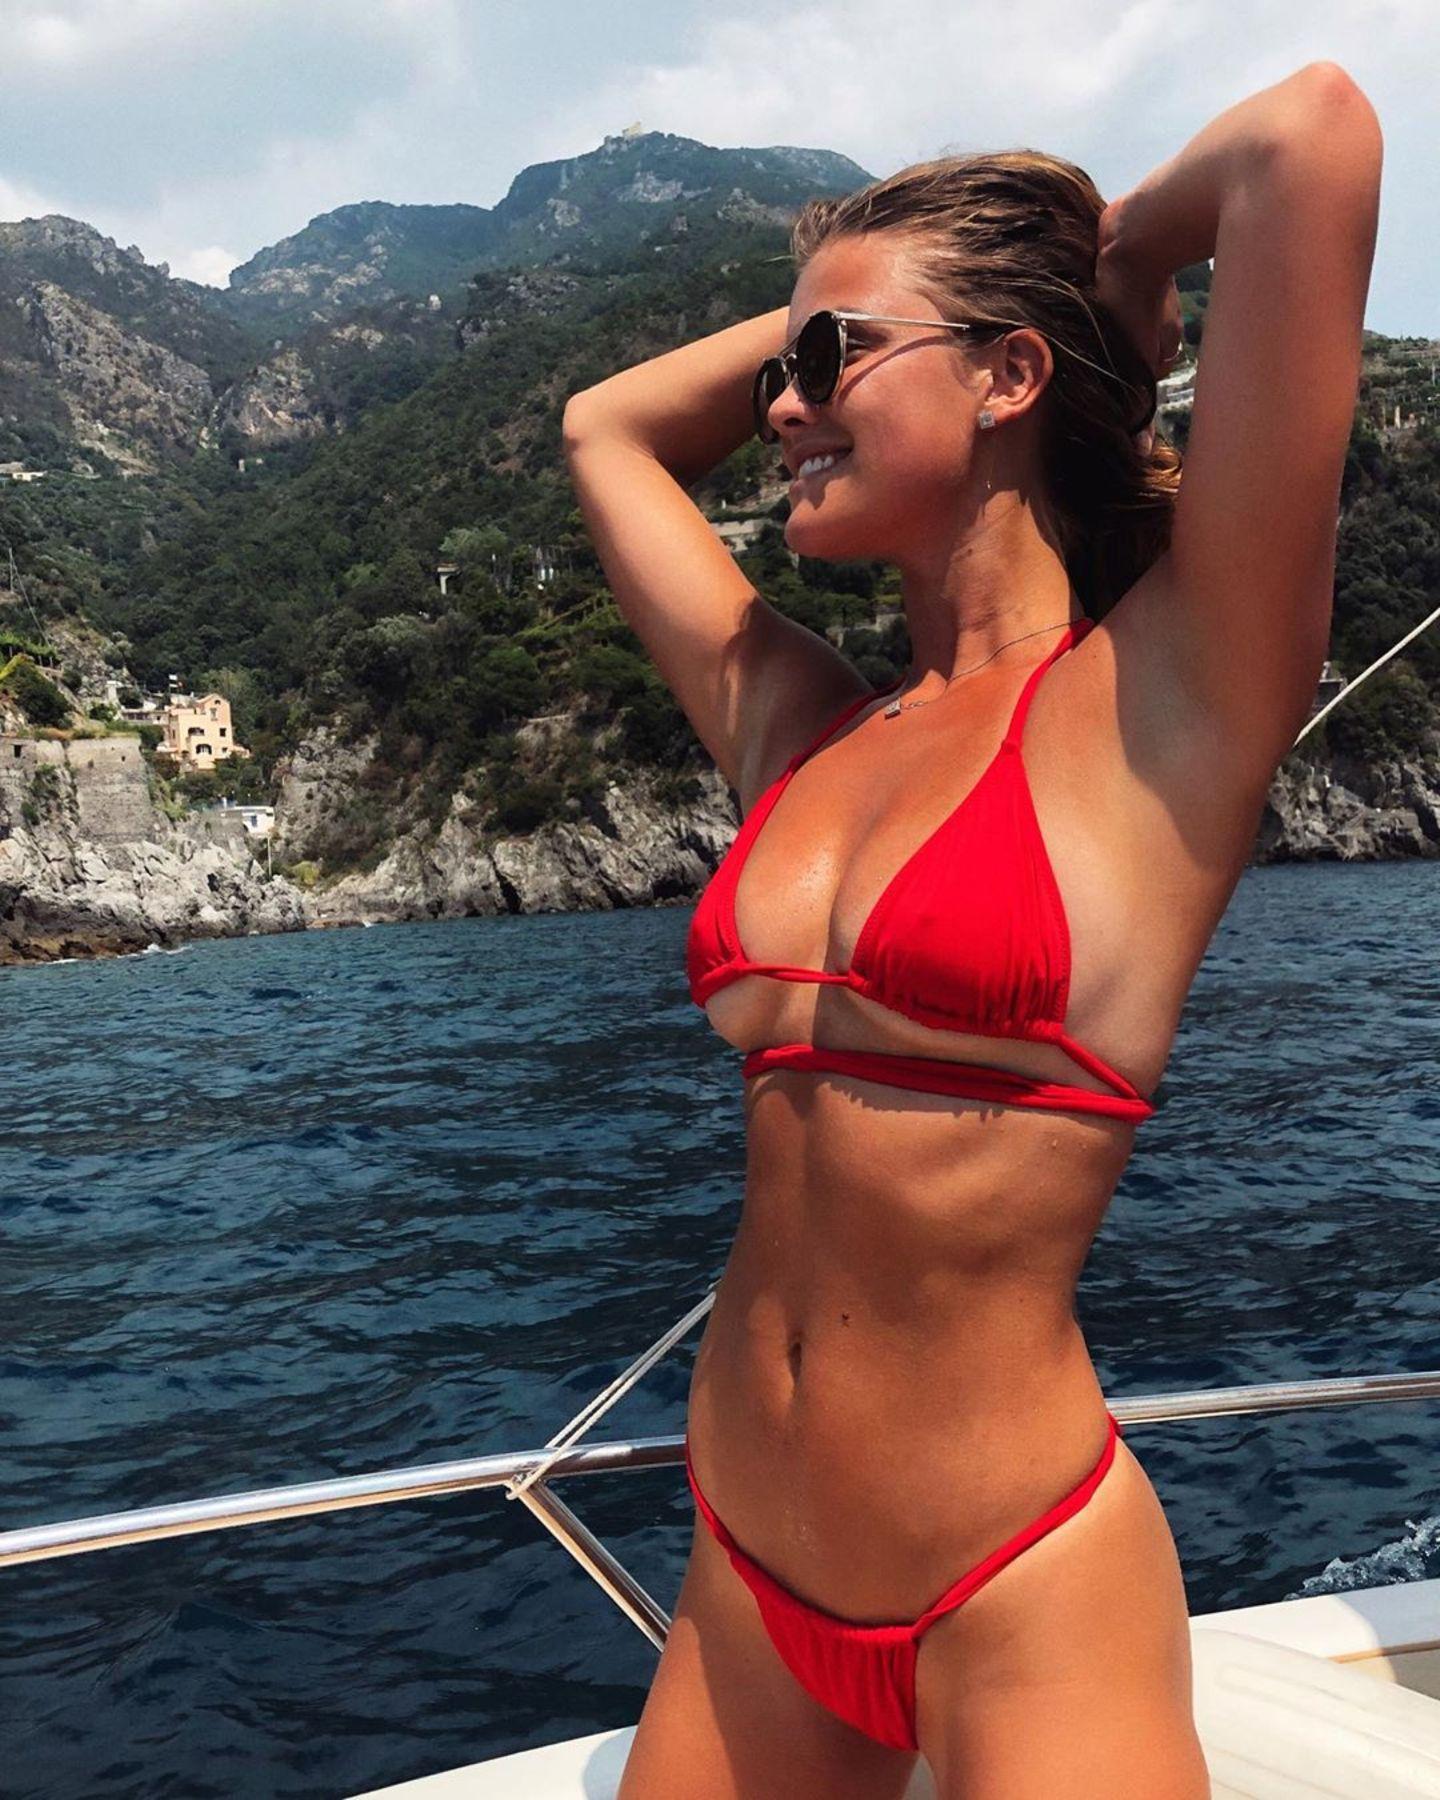 """In einem knallroten Bikini posiert Nina Agdal für ein Urlaubsfoto. Eine ziemlich knappe Kiste, denn sie setzt sowohl ihren """"Underboob"""" als auch ihren """"Sideboob"""" in Szene. Ein Schnappschuss, für den Ninajede Menge Likes kassiert. Wo genau das Bild entstanden ist, verrät das ehemalige Victoria's-Secret-Model nicht. Lediglich die Flagge Italiens grenzt das Rätselraten um ihre Destination ein."""